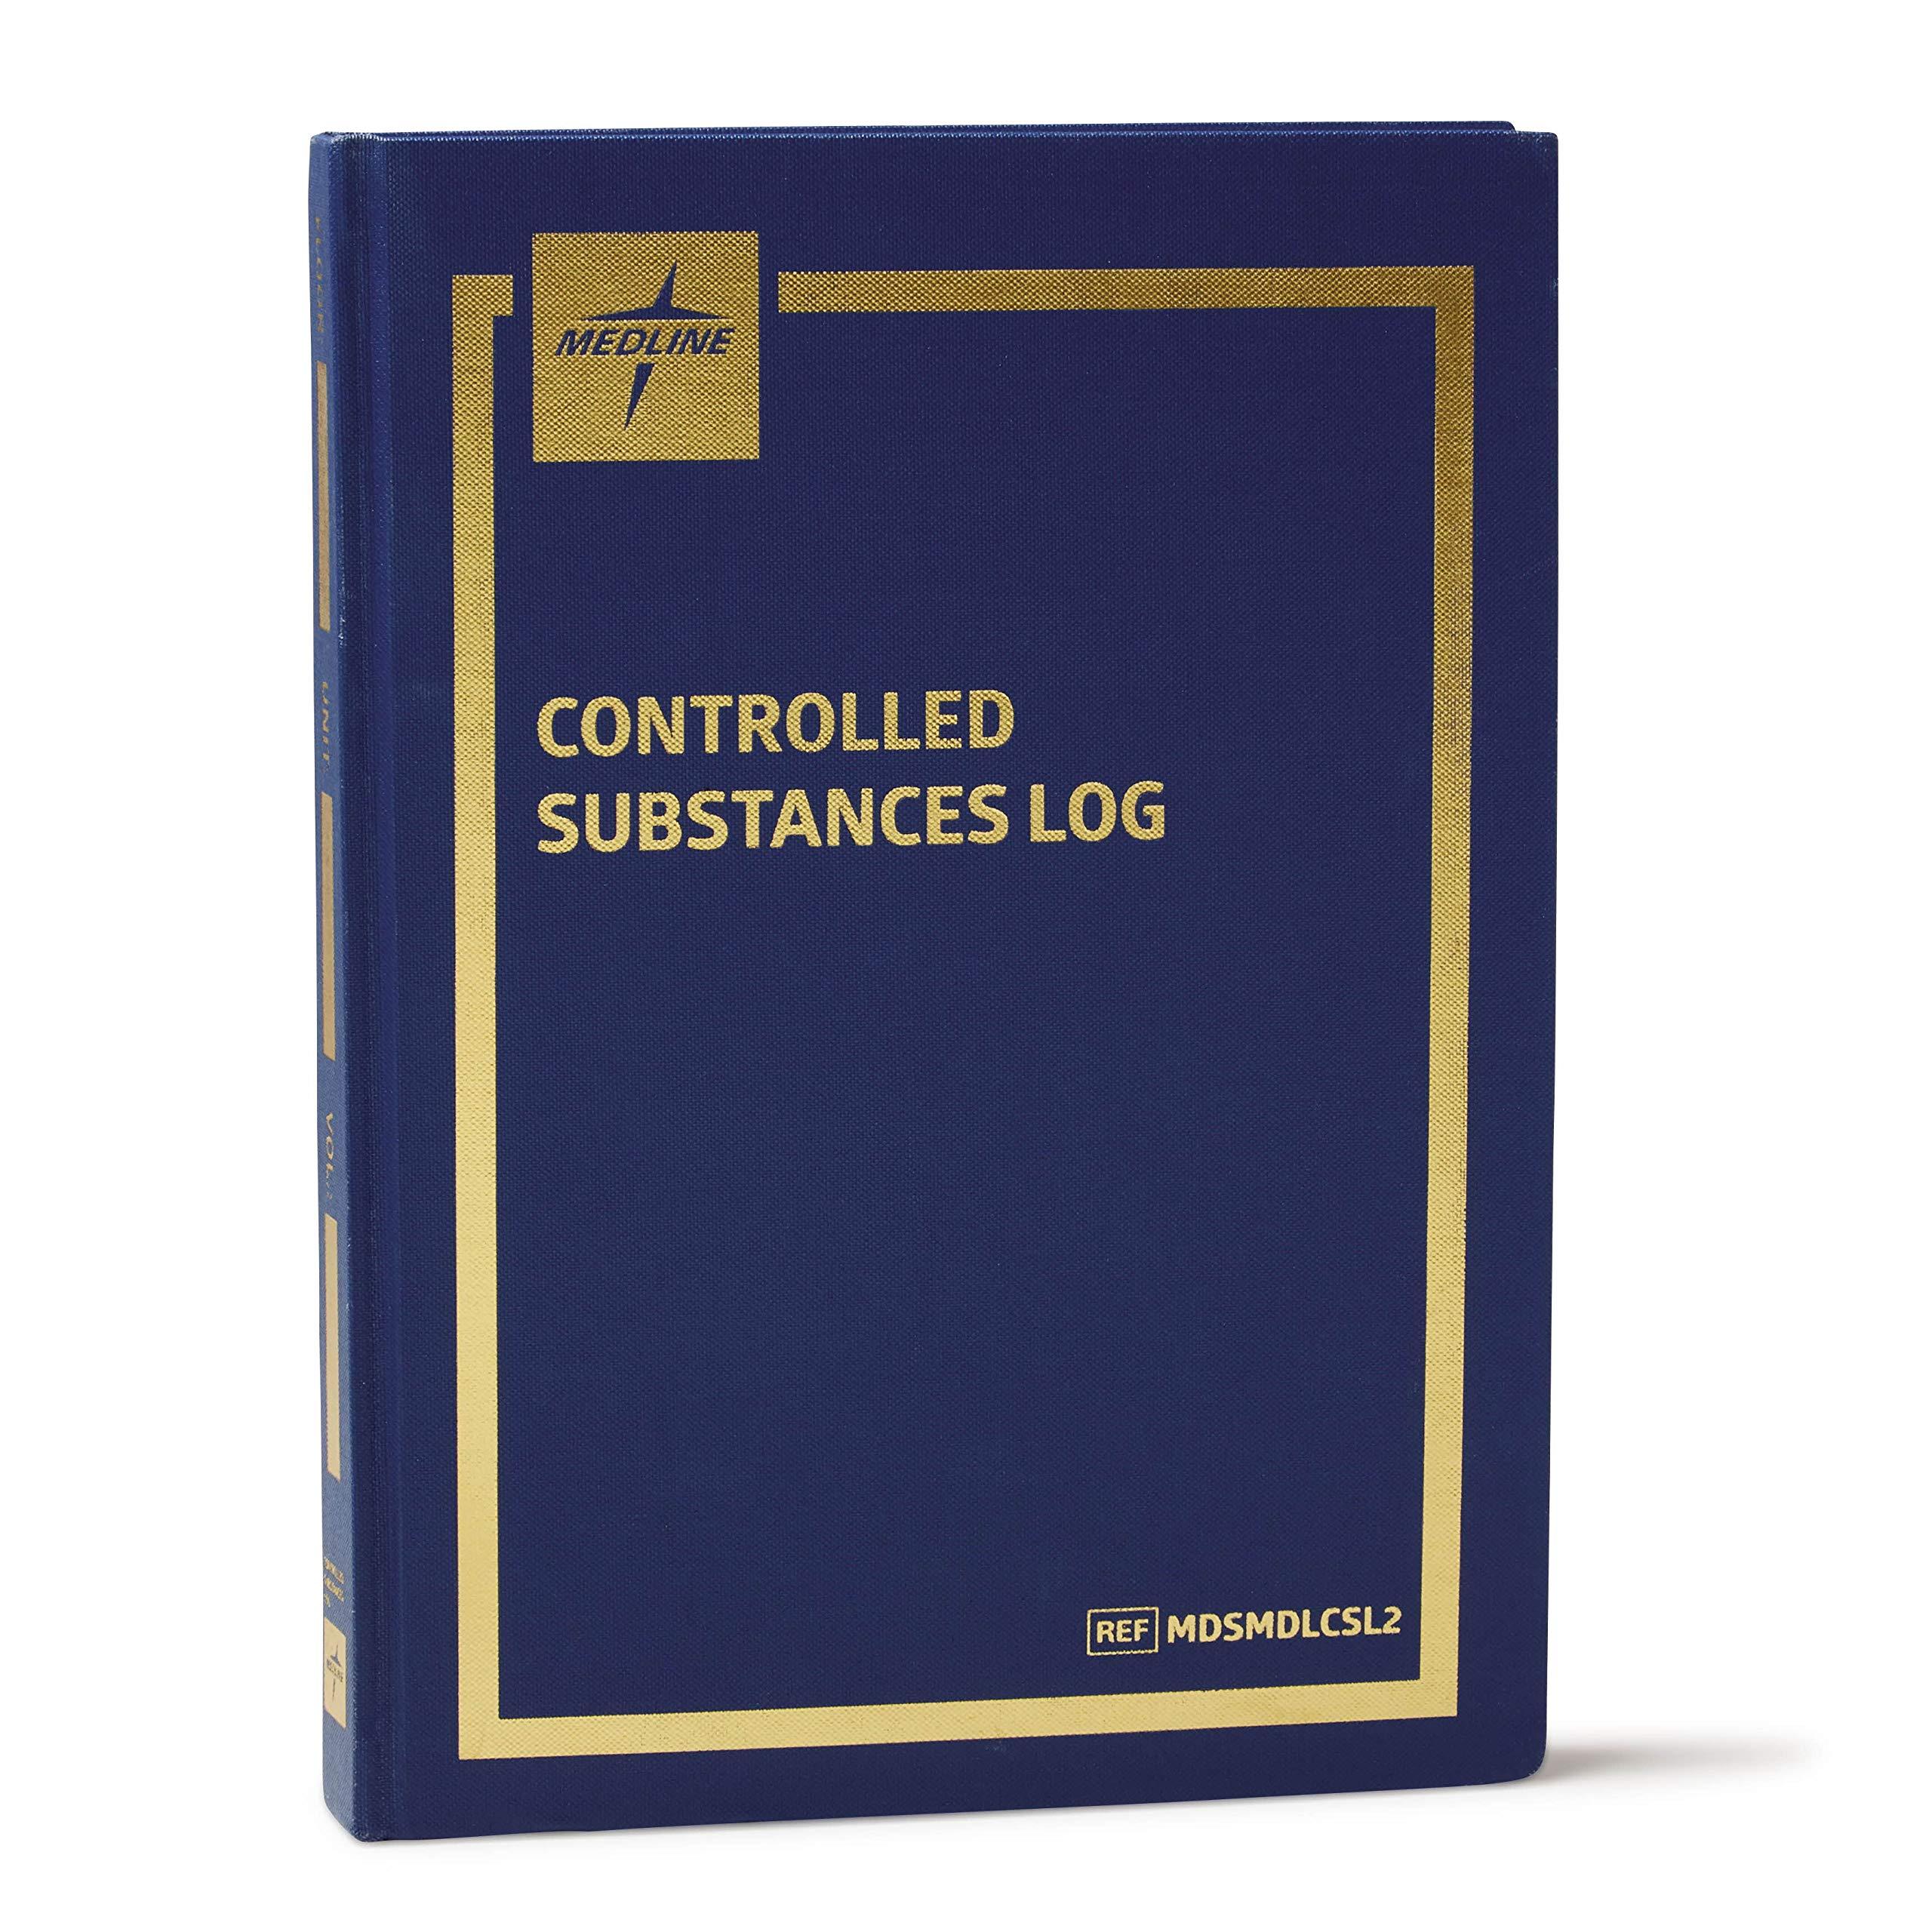 Medline MDSMDLCSL Hard Cover Controlled Substance Drug Log Book, 323 Pages by Medline